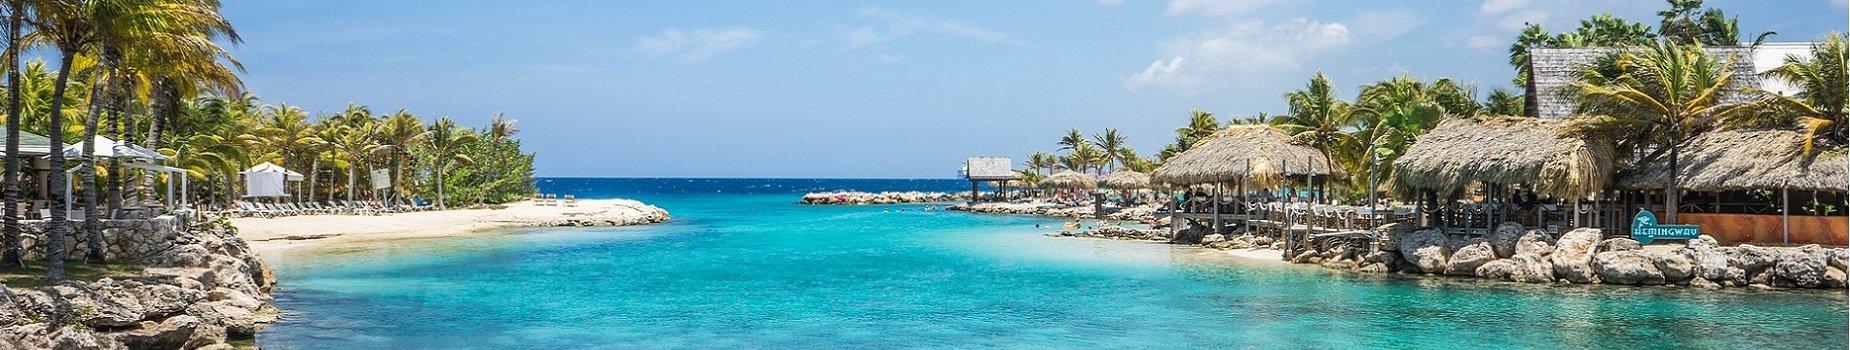 Vliegvelden Curaçao